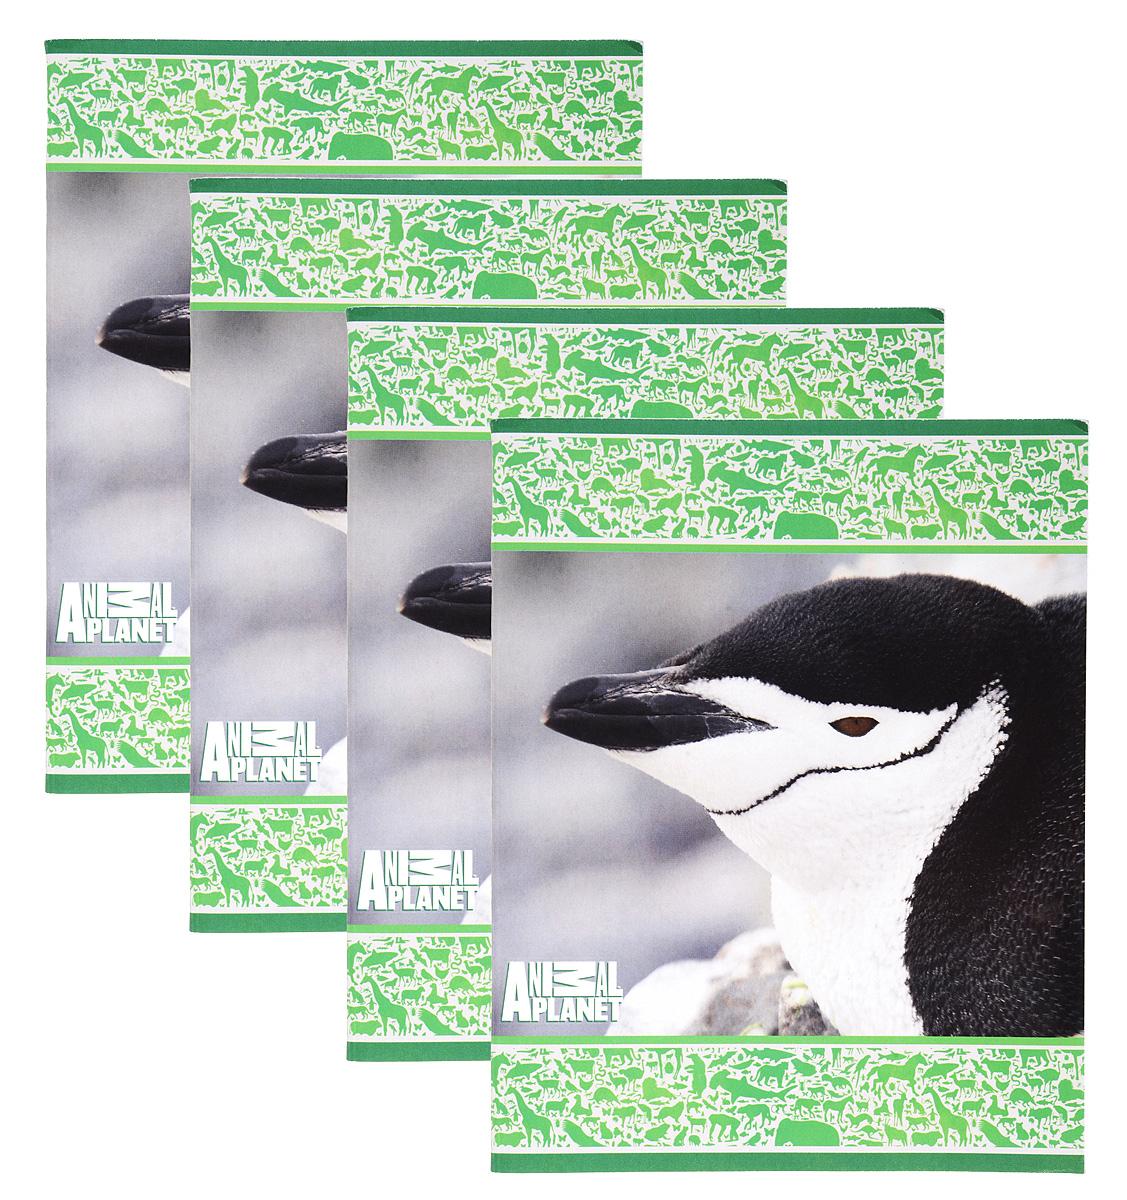 Action! Набор тетрадей Animal Planet Птицы 48 листов в клетку 4 шт ктс про набор тетрадей вид из окна 48 листов в клетку цвет бордовый 5 шт